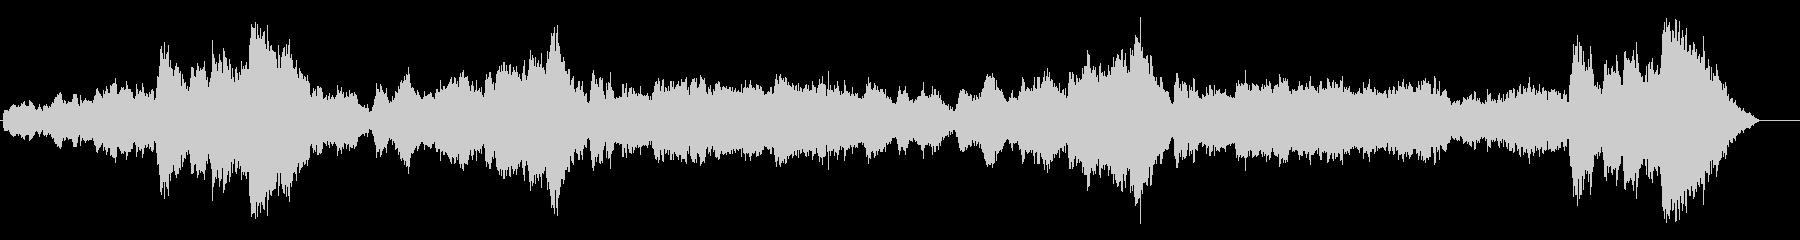 ドキュメンタリー系 断崖氷壁風サウンドの未再生の波形